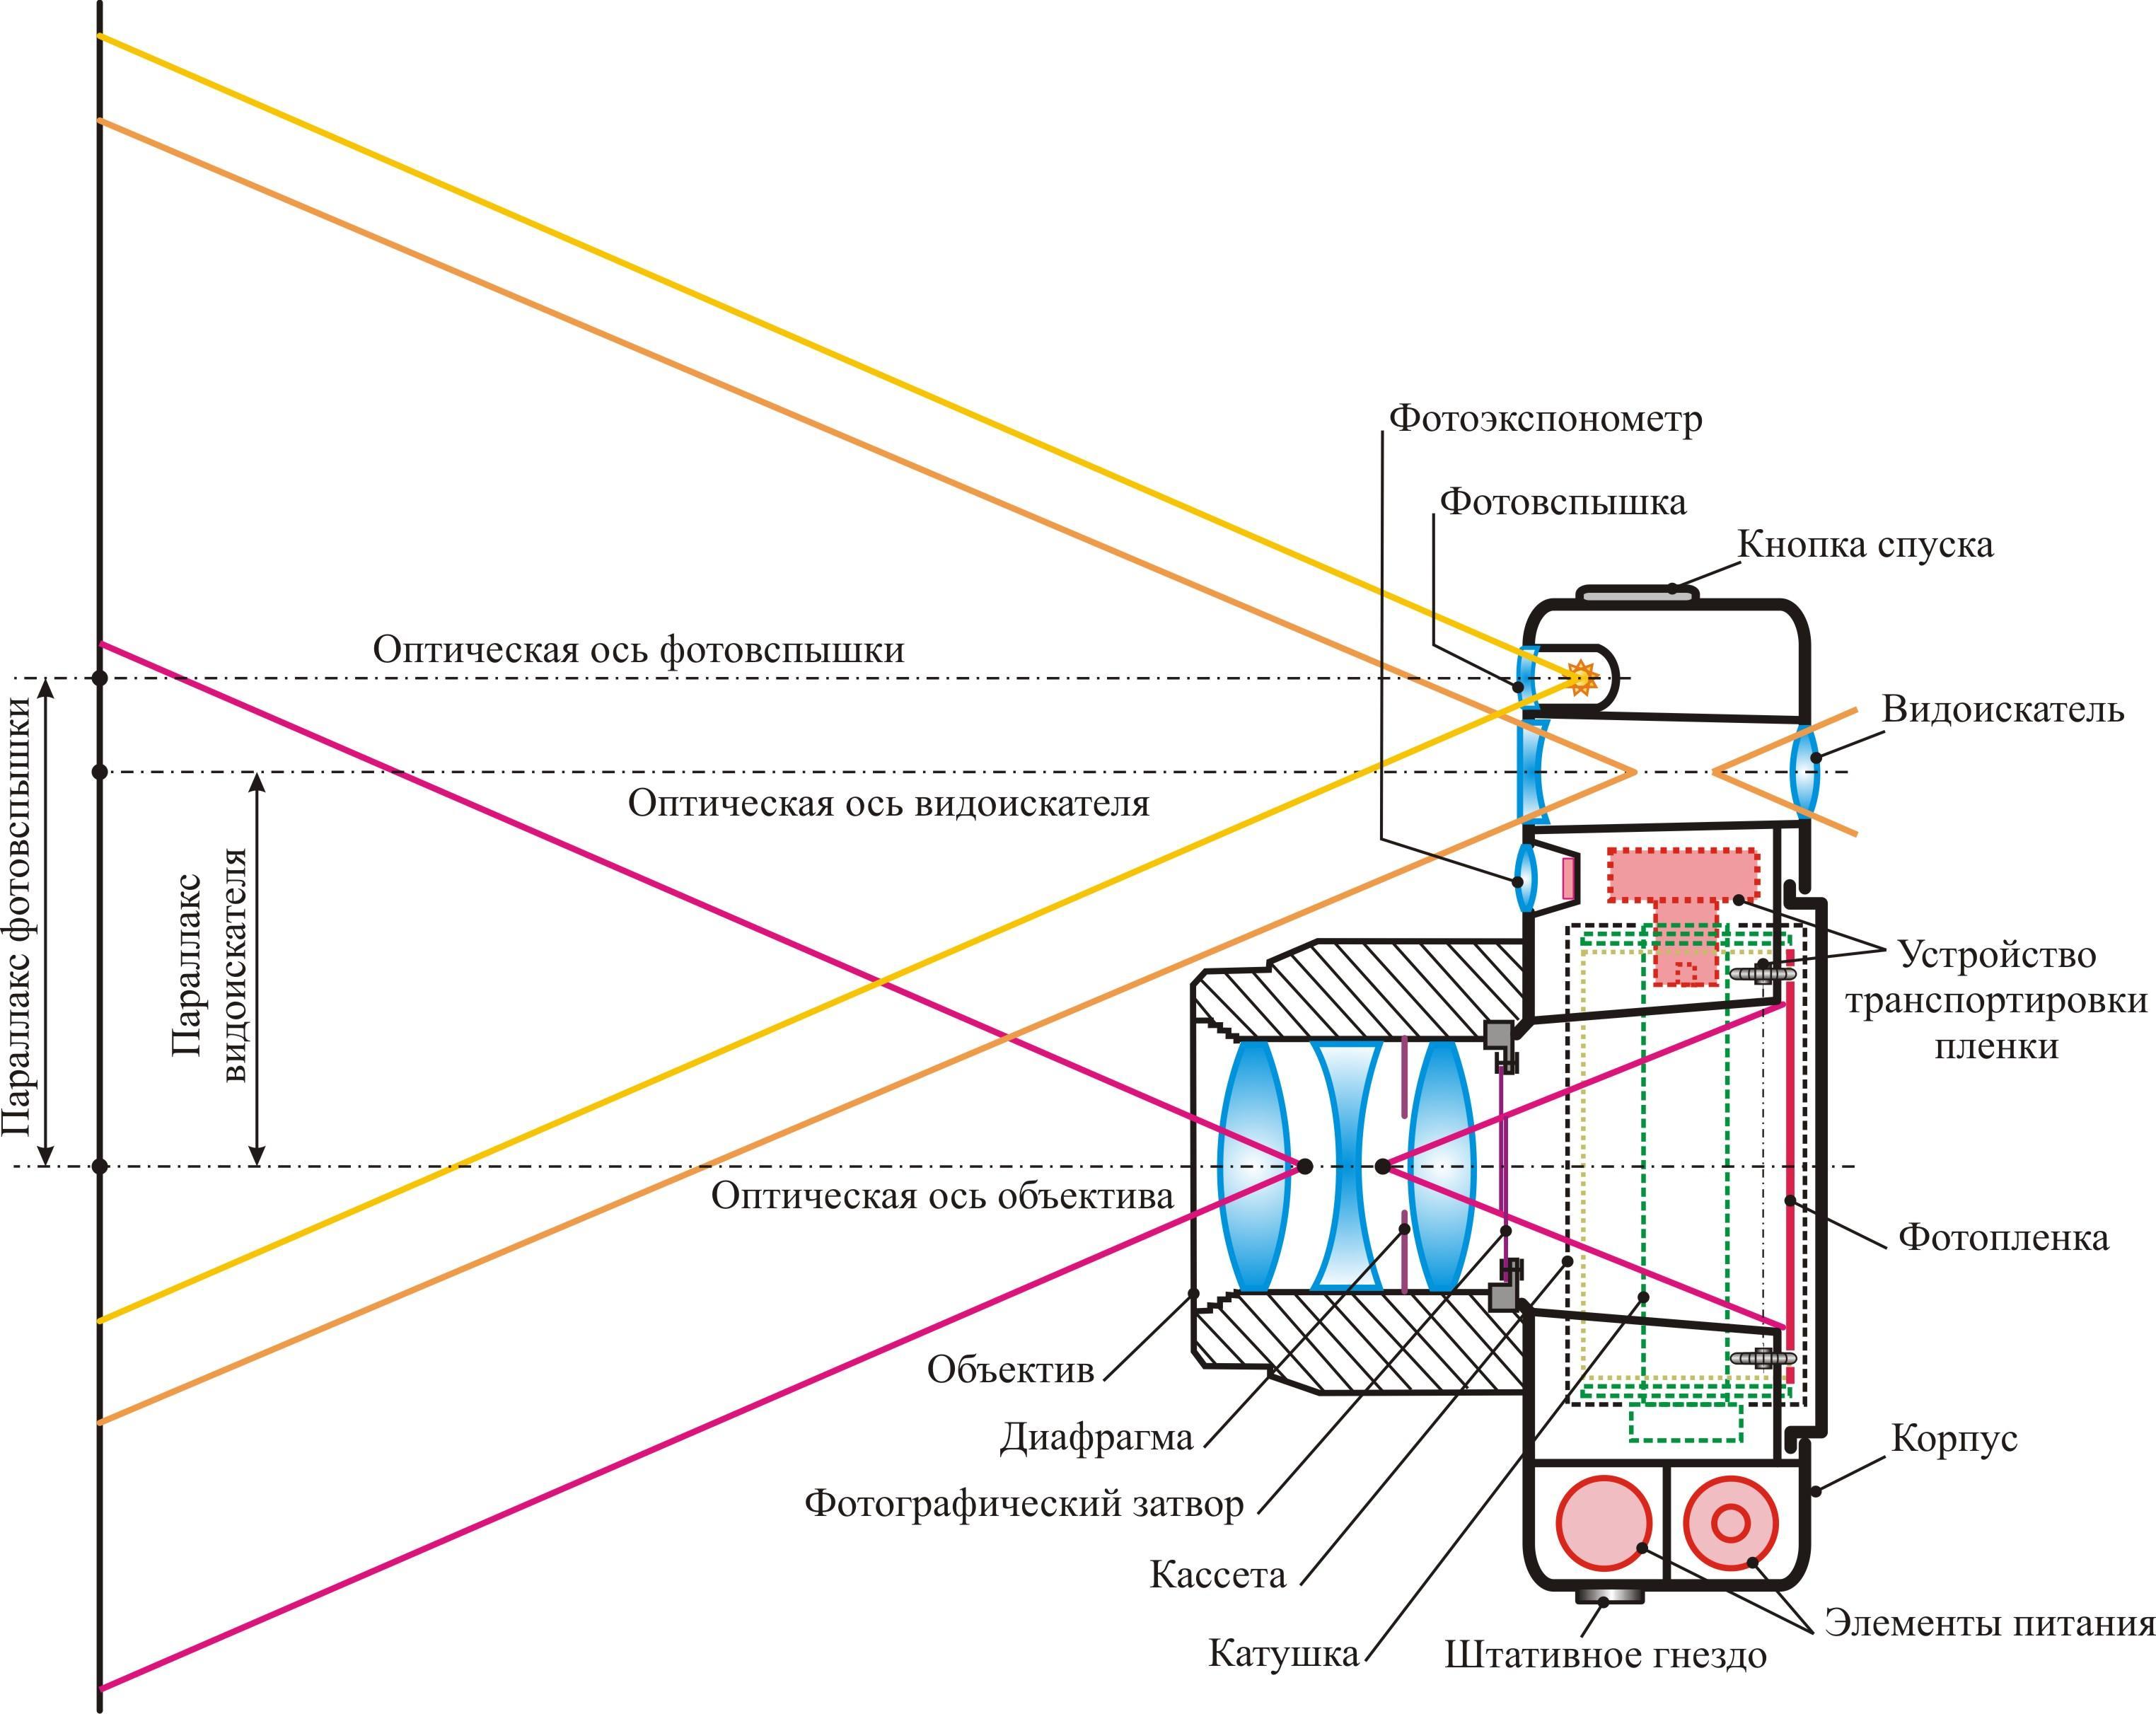 Основные узлы цифрового фотоаппарата схема